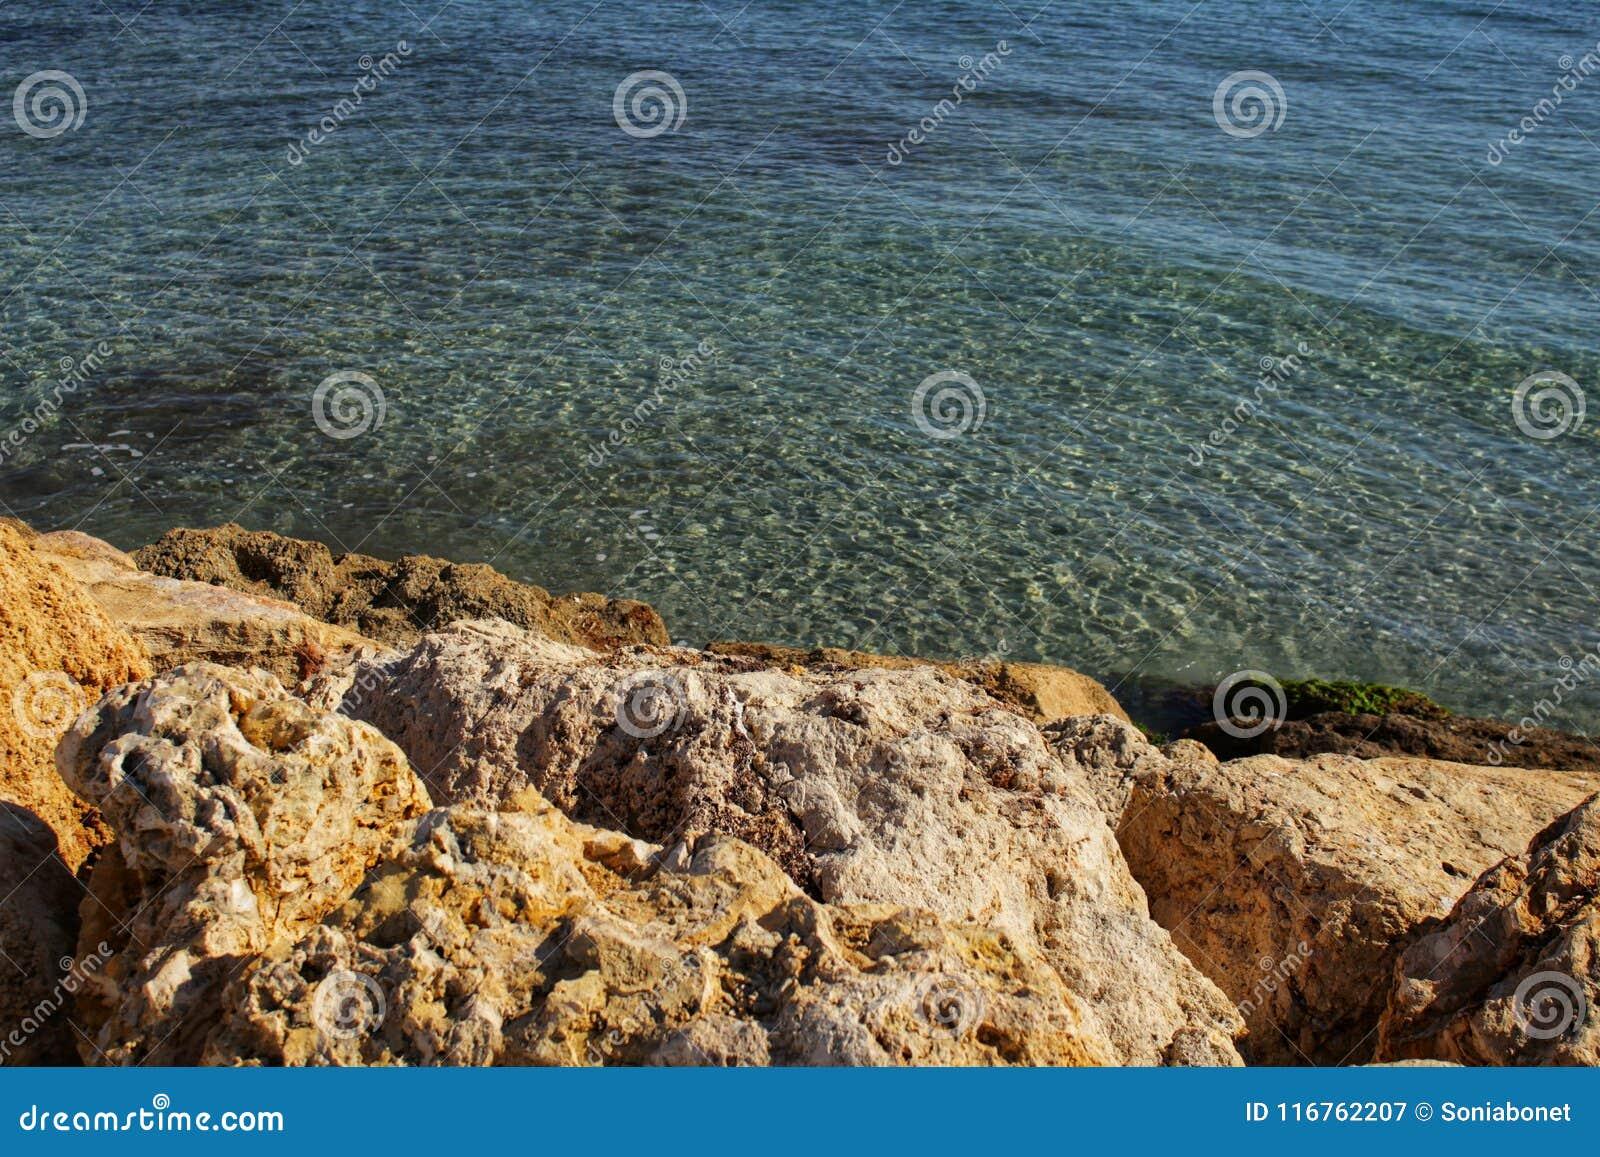 Kryształ - jasna woda i skały